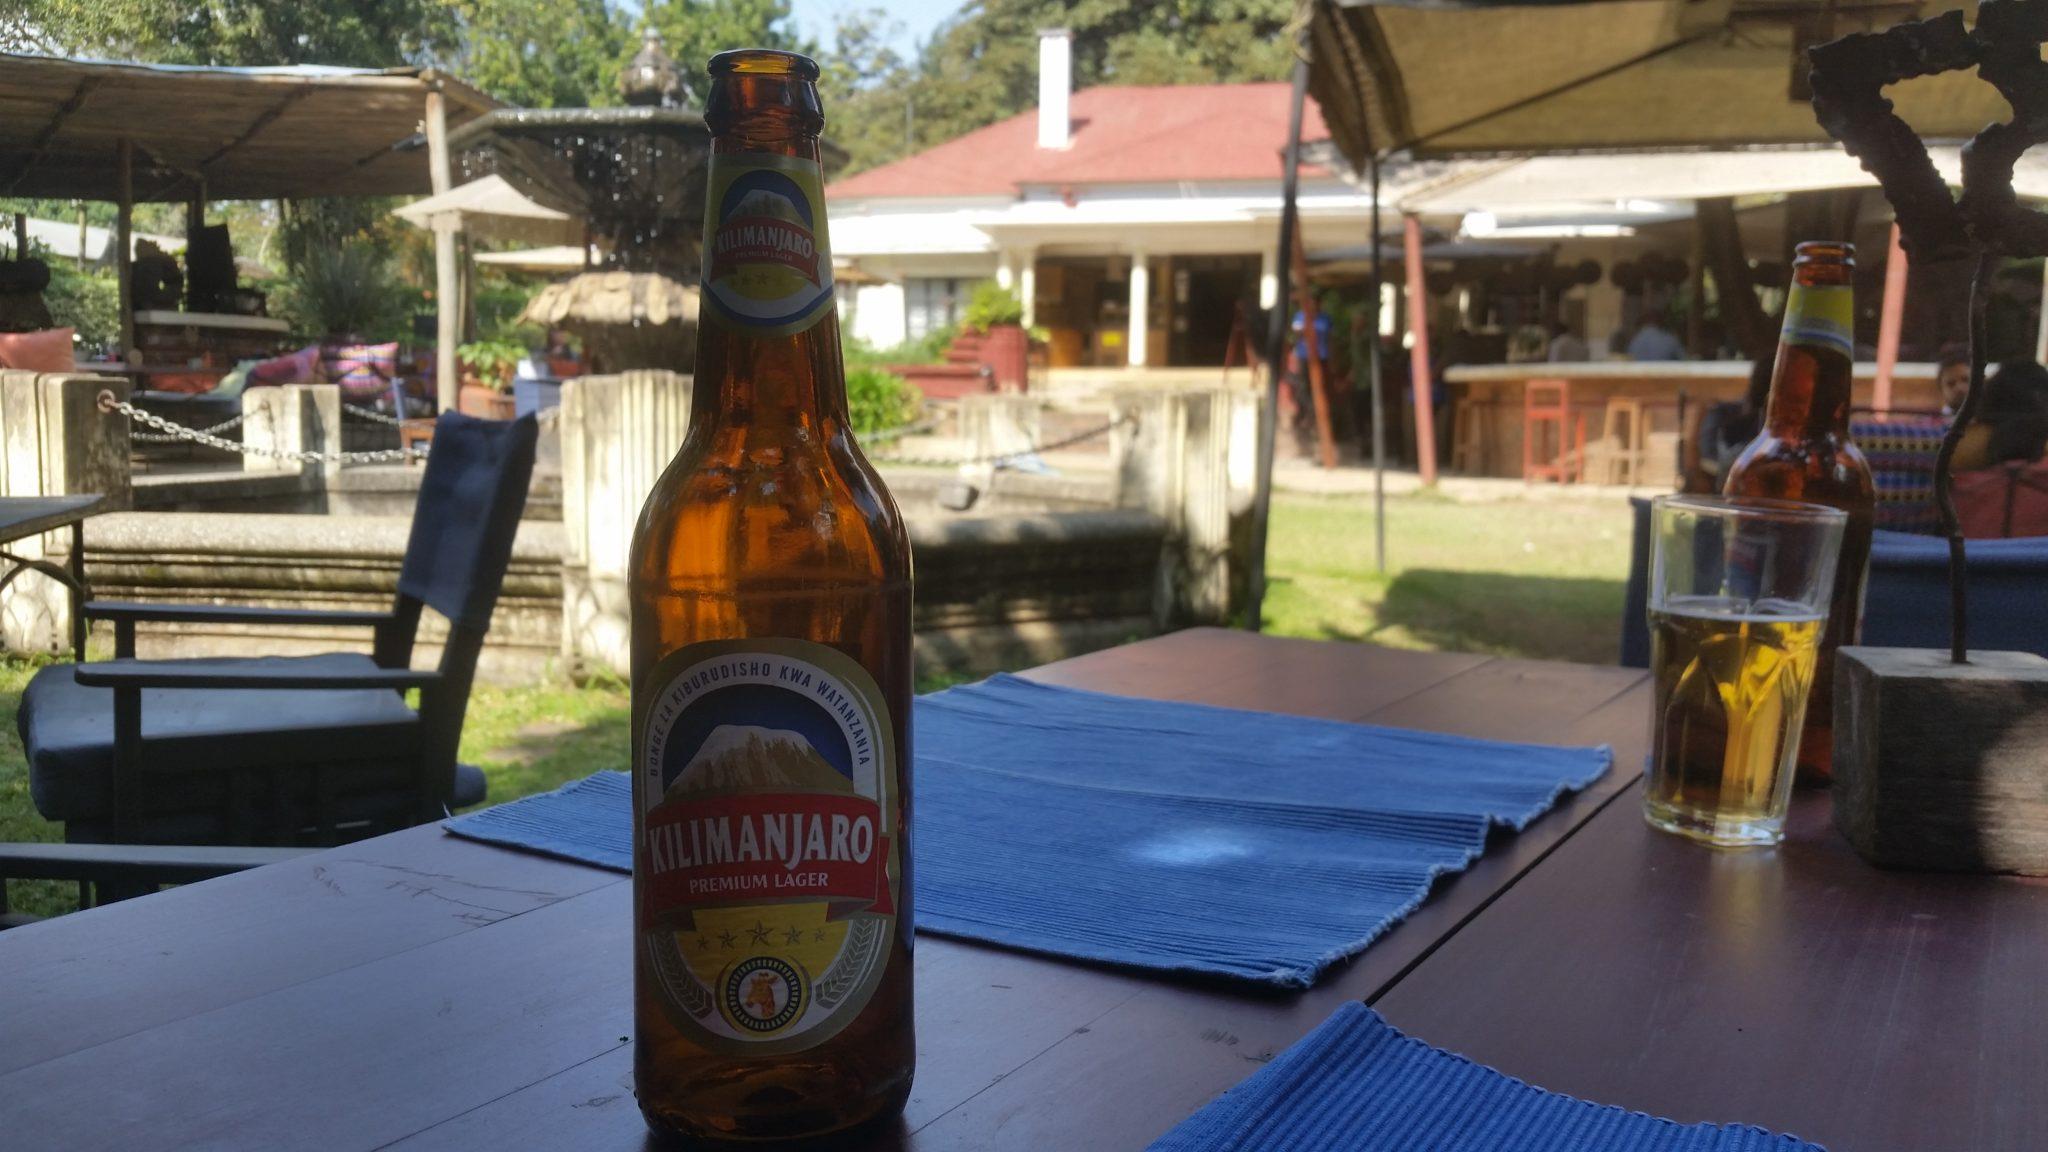 Genieten van een lekker Kilimanjarobiertje in The Blue Heron. Er zijn voornamelijk 3 bieren verkrijgbaar: Kilimanjaro, Safari en Serengeti. Als je je nu niet in Tanzania waant, weten wij het ook niet meer!